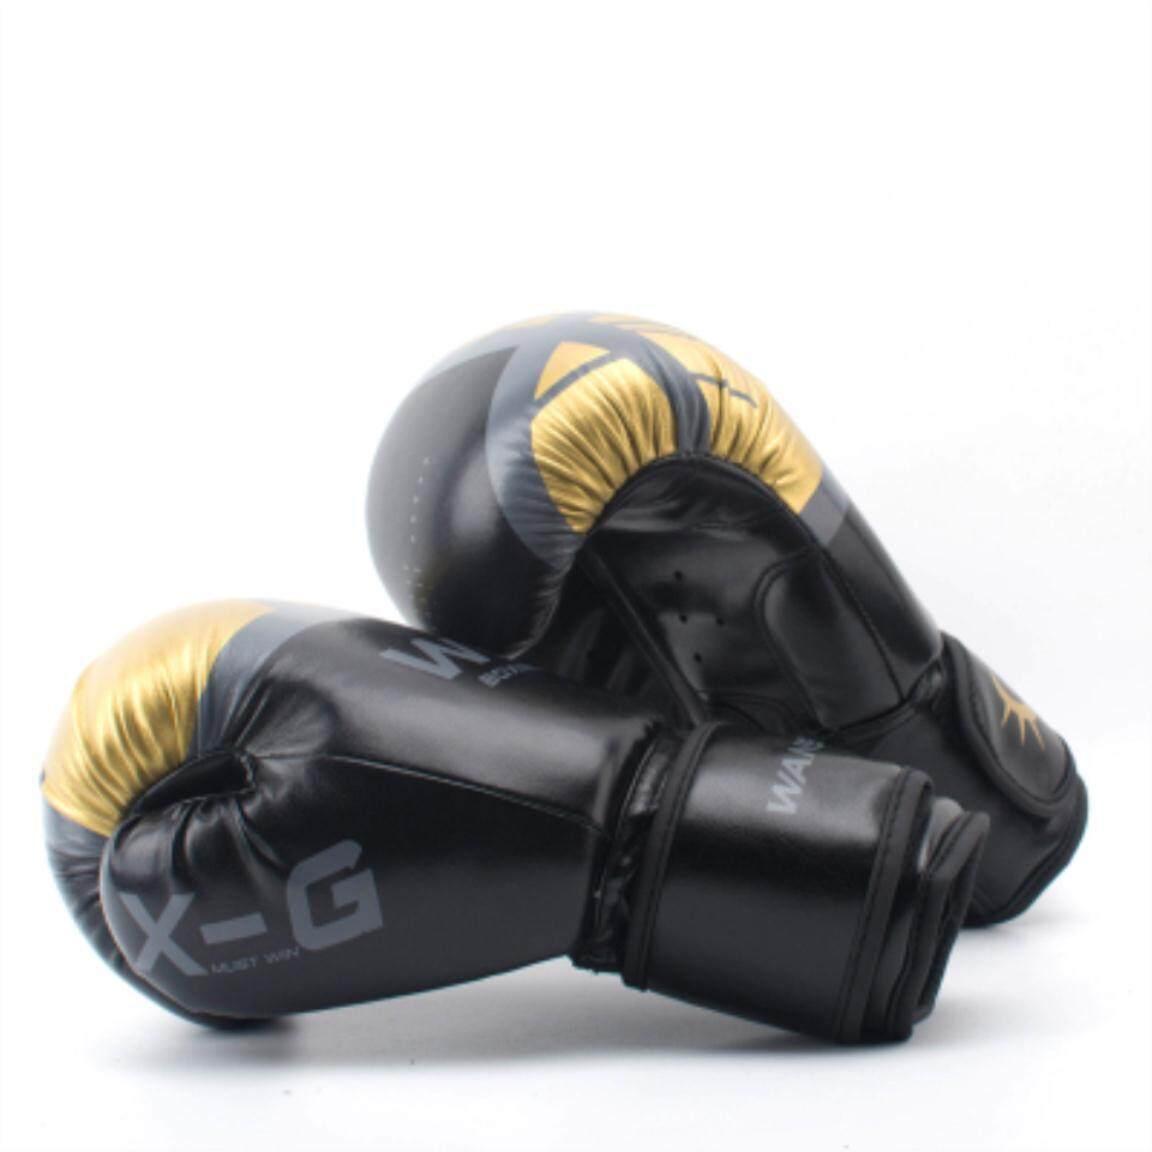 Hitam/Merah Muda/Emas Pria/Kulit PU Wanita Sarung Tangan Tinju untuk Tas Pasir Training MMA Muay Thai Sanda Karate Sarung Tangan Peralatan